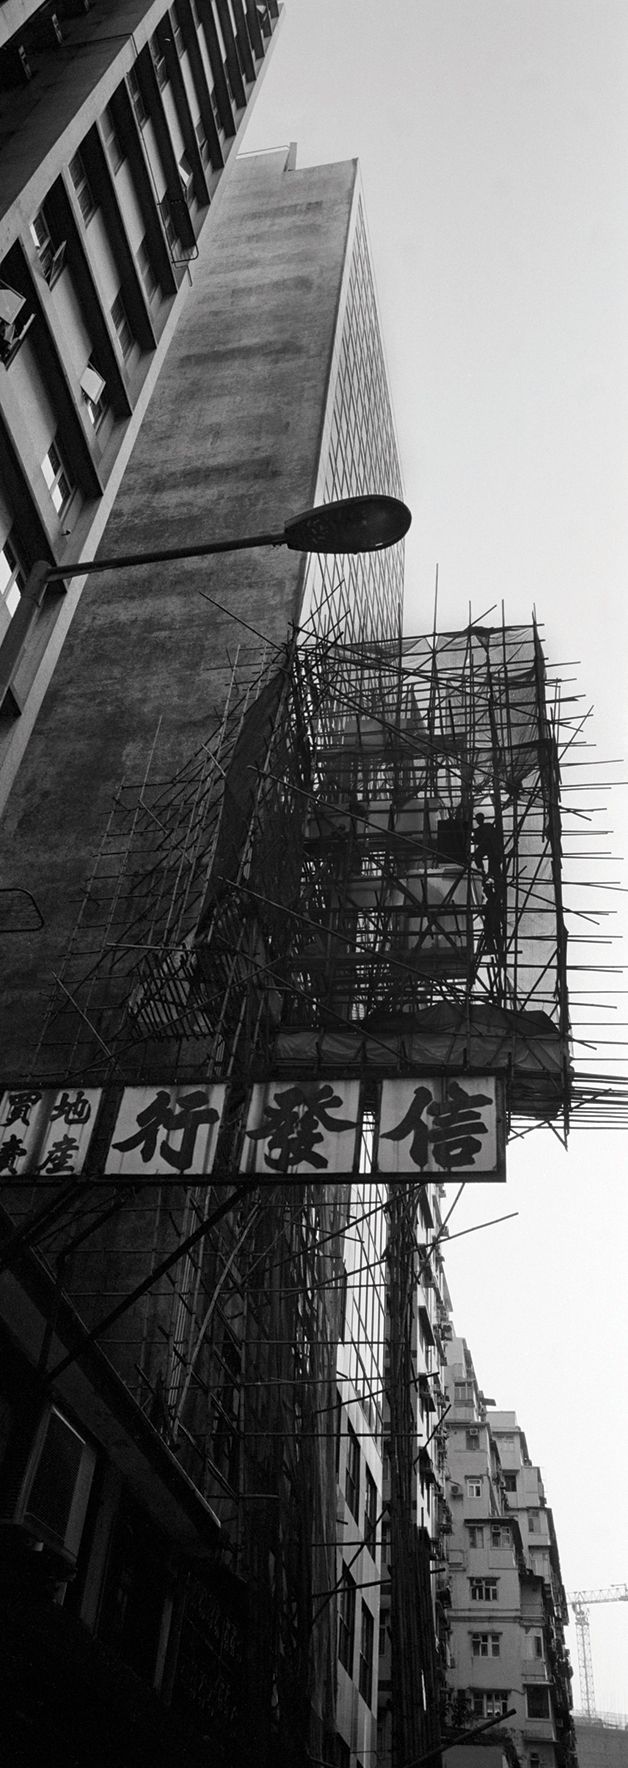 Bamboo cage, Hong Kong. 2015